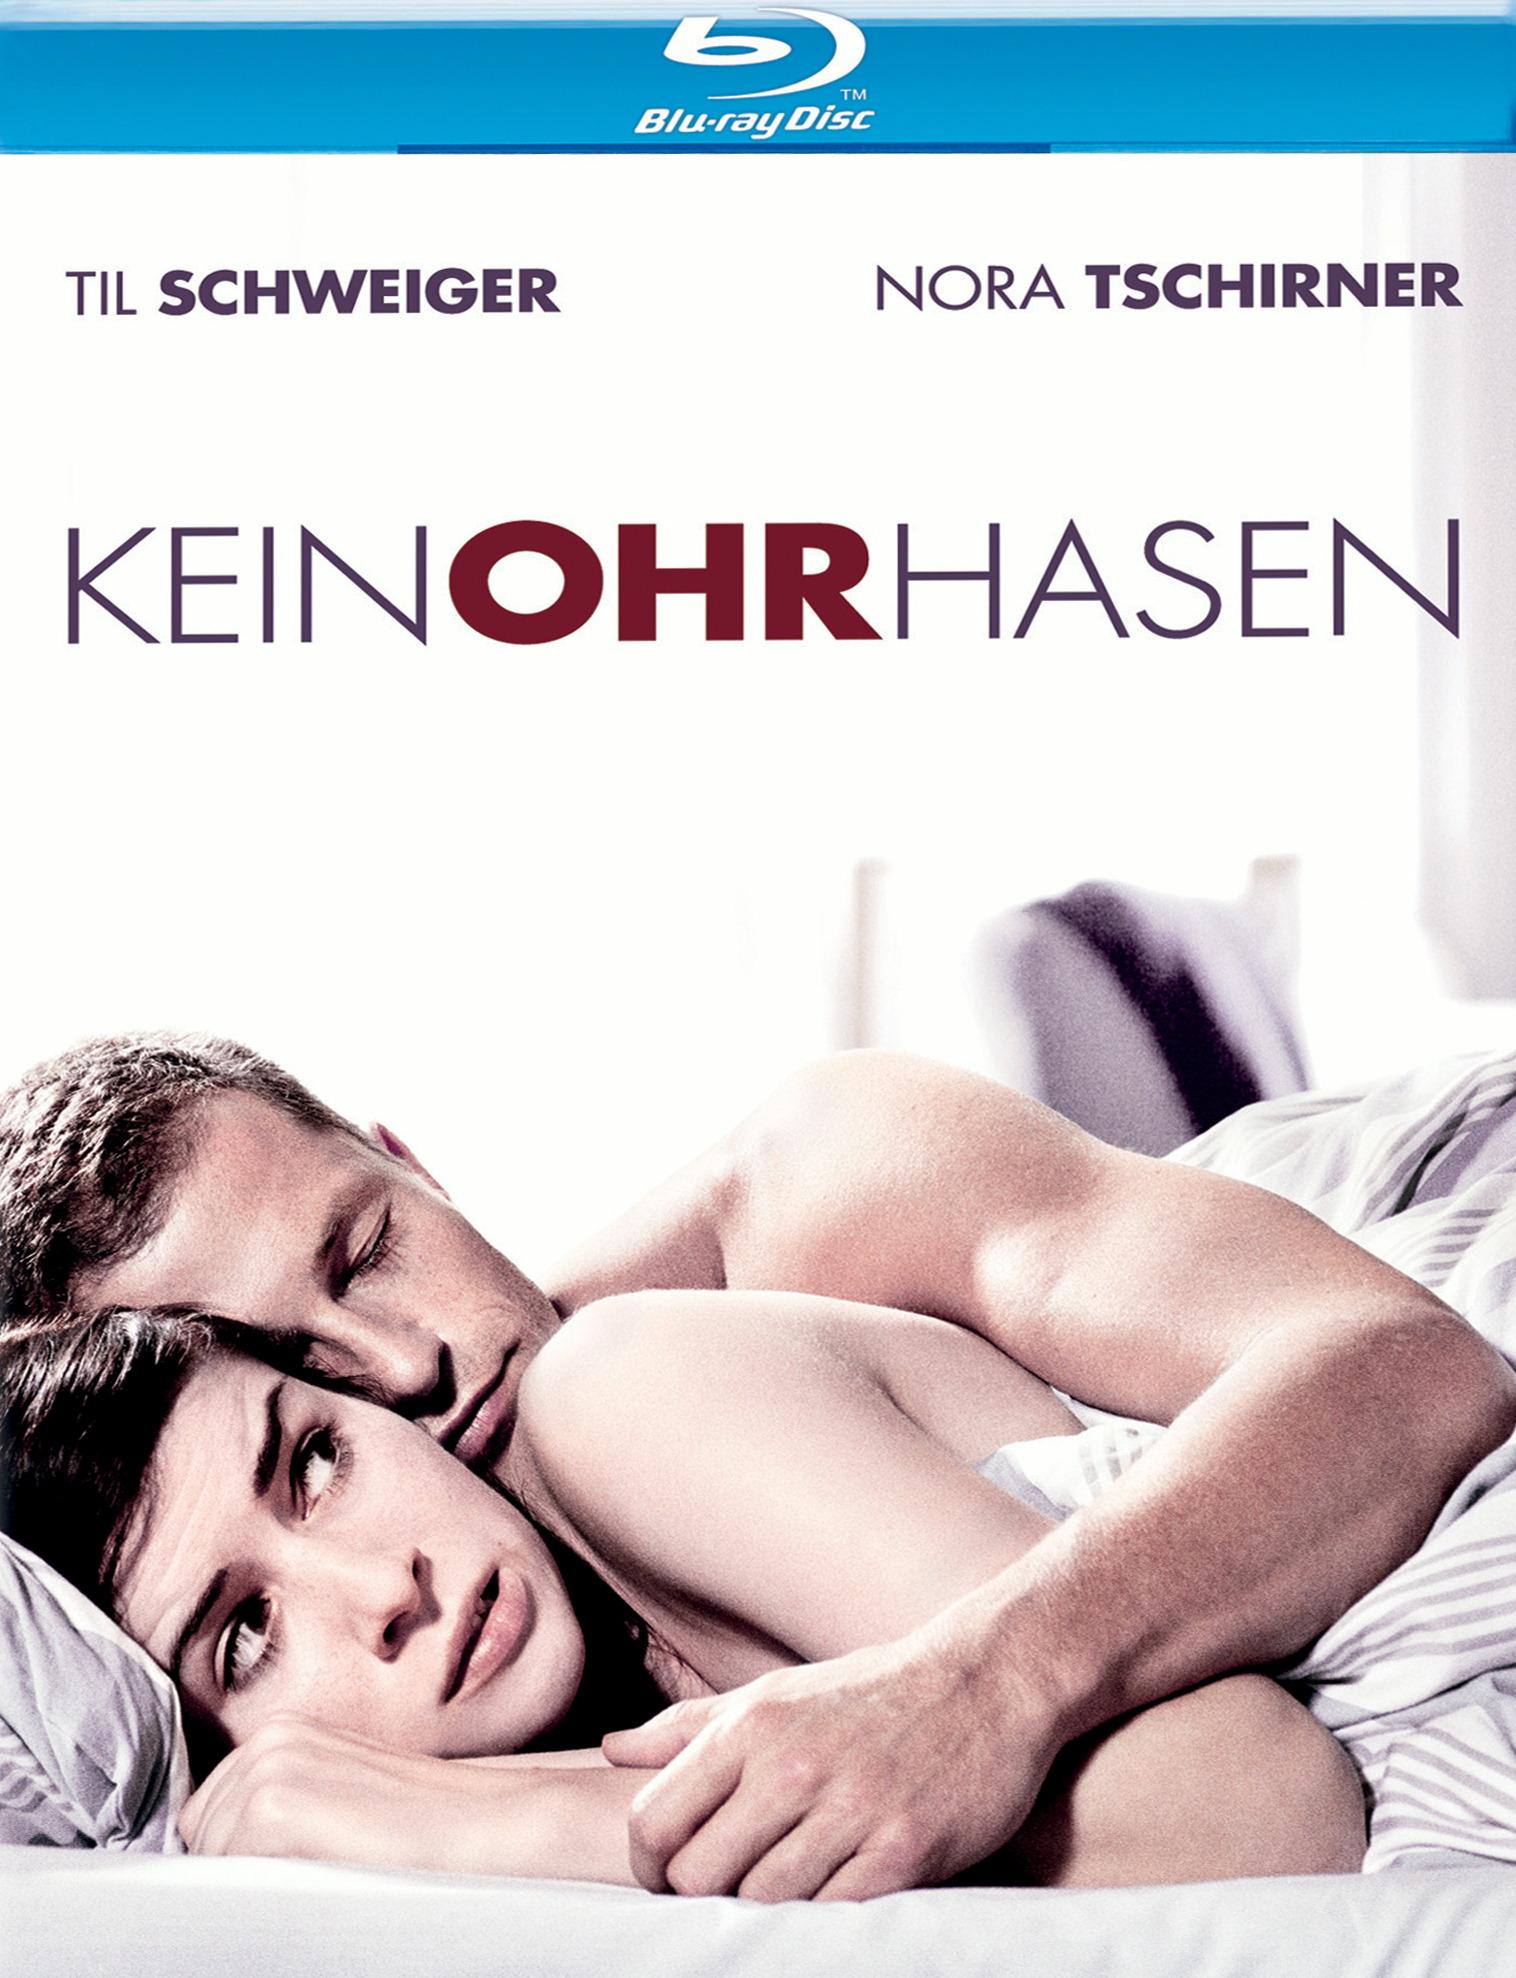 Keinohrhasen (Exklusiv bei Amazon, Steelbook,+ DVD-Digital Copy) Poster